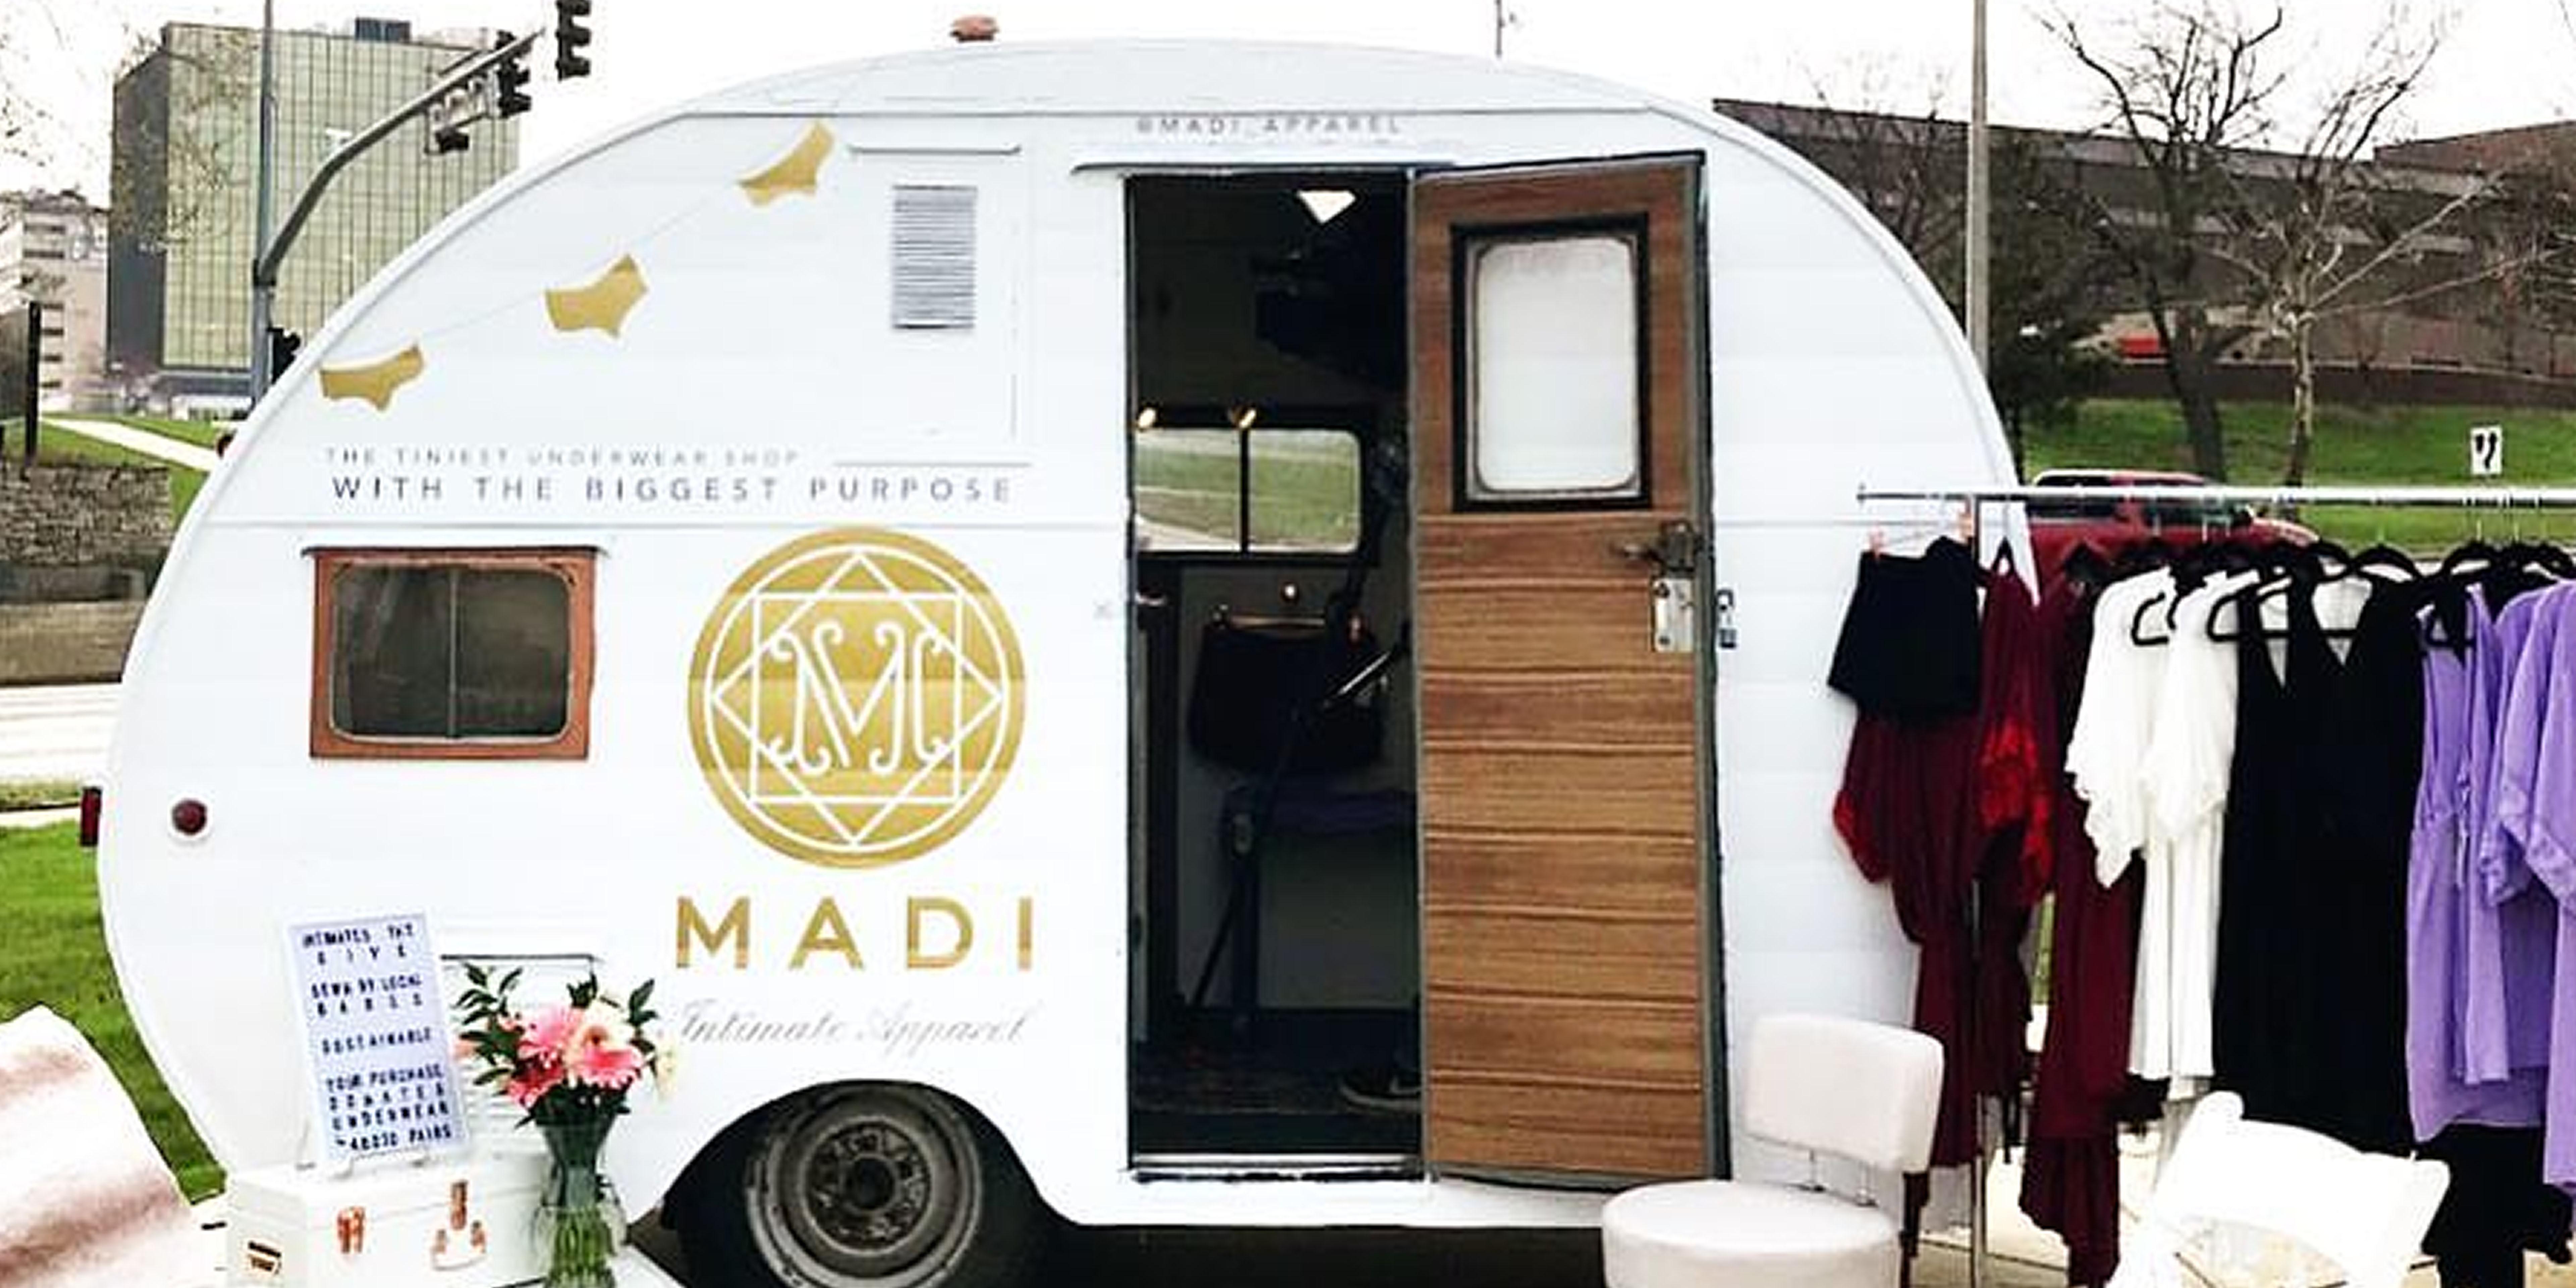 Madi Apparel's Madi Mobile